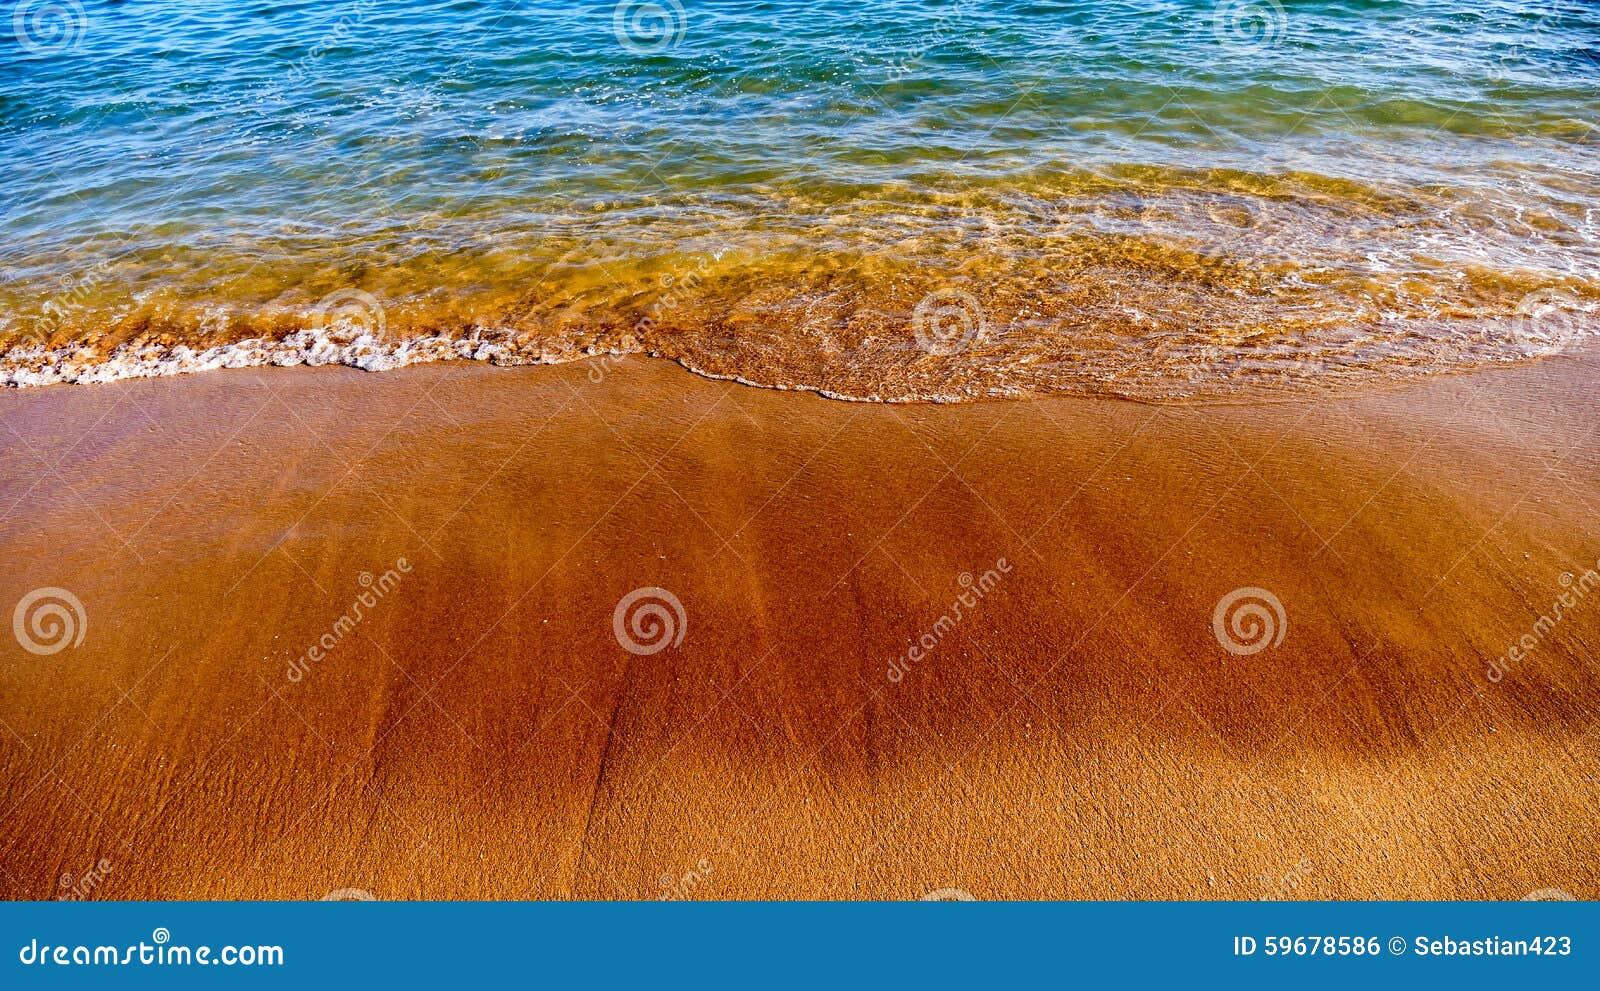 Praia com areia escura e água azul